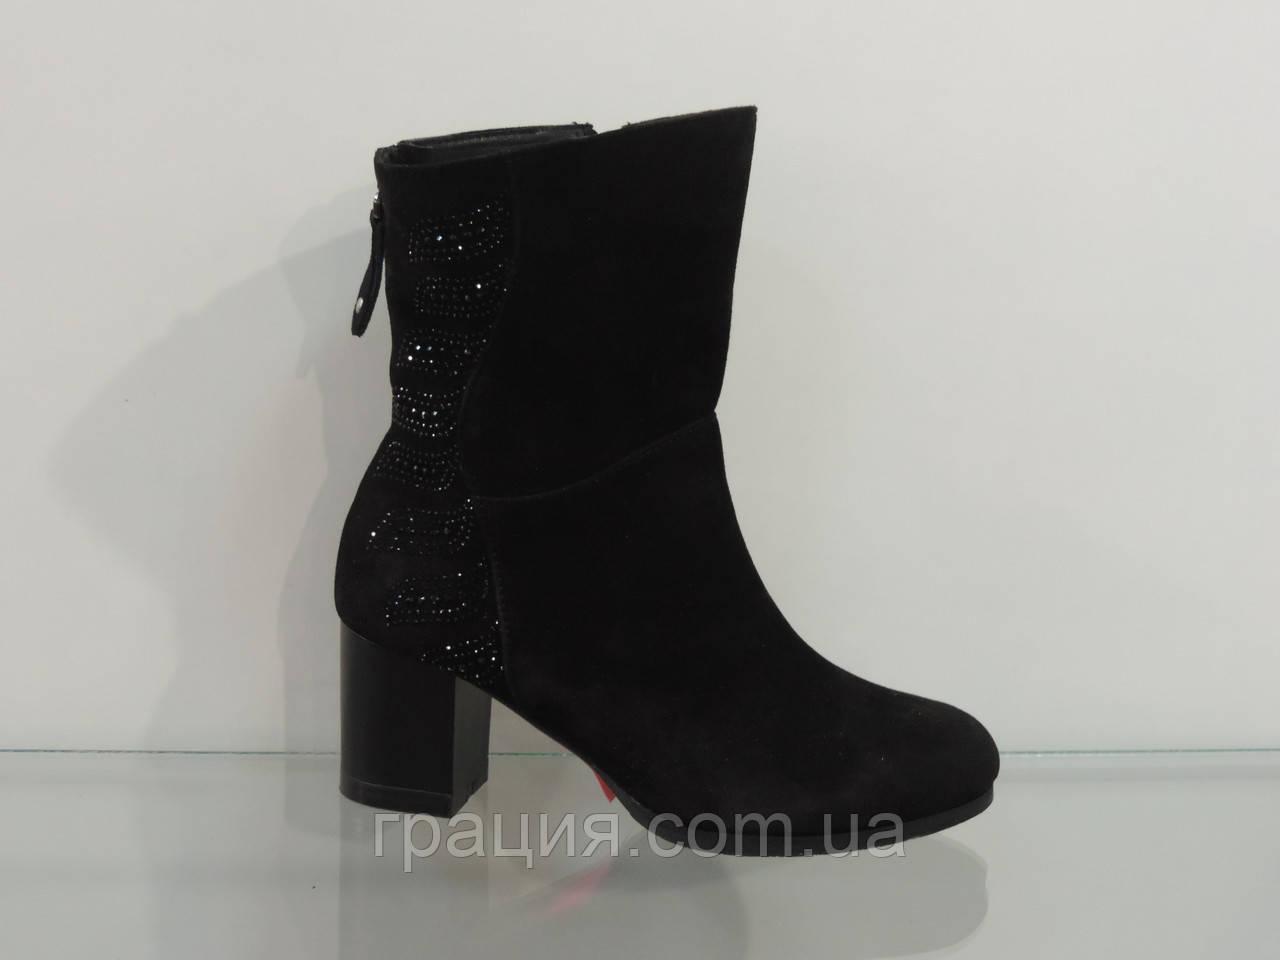 Черевички жіночі замшеві чоботи з більшою повнотою